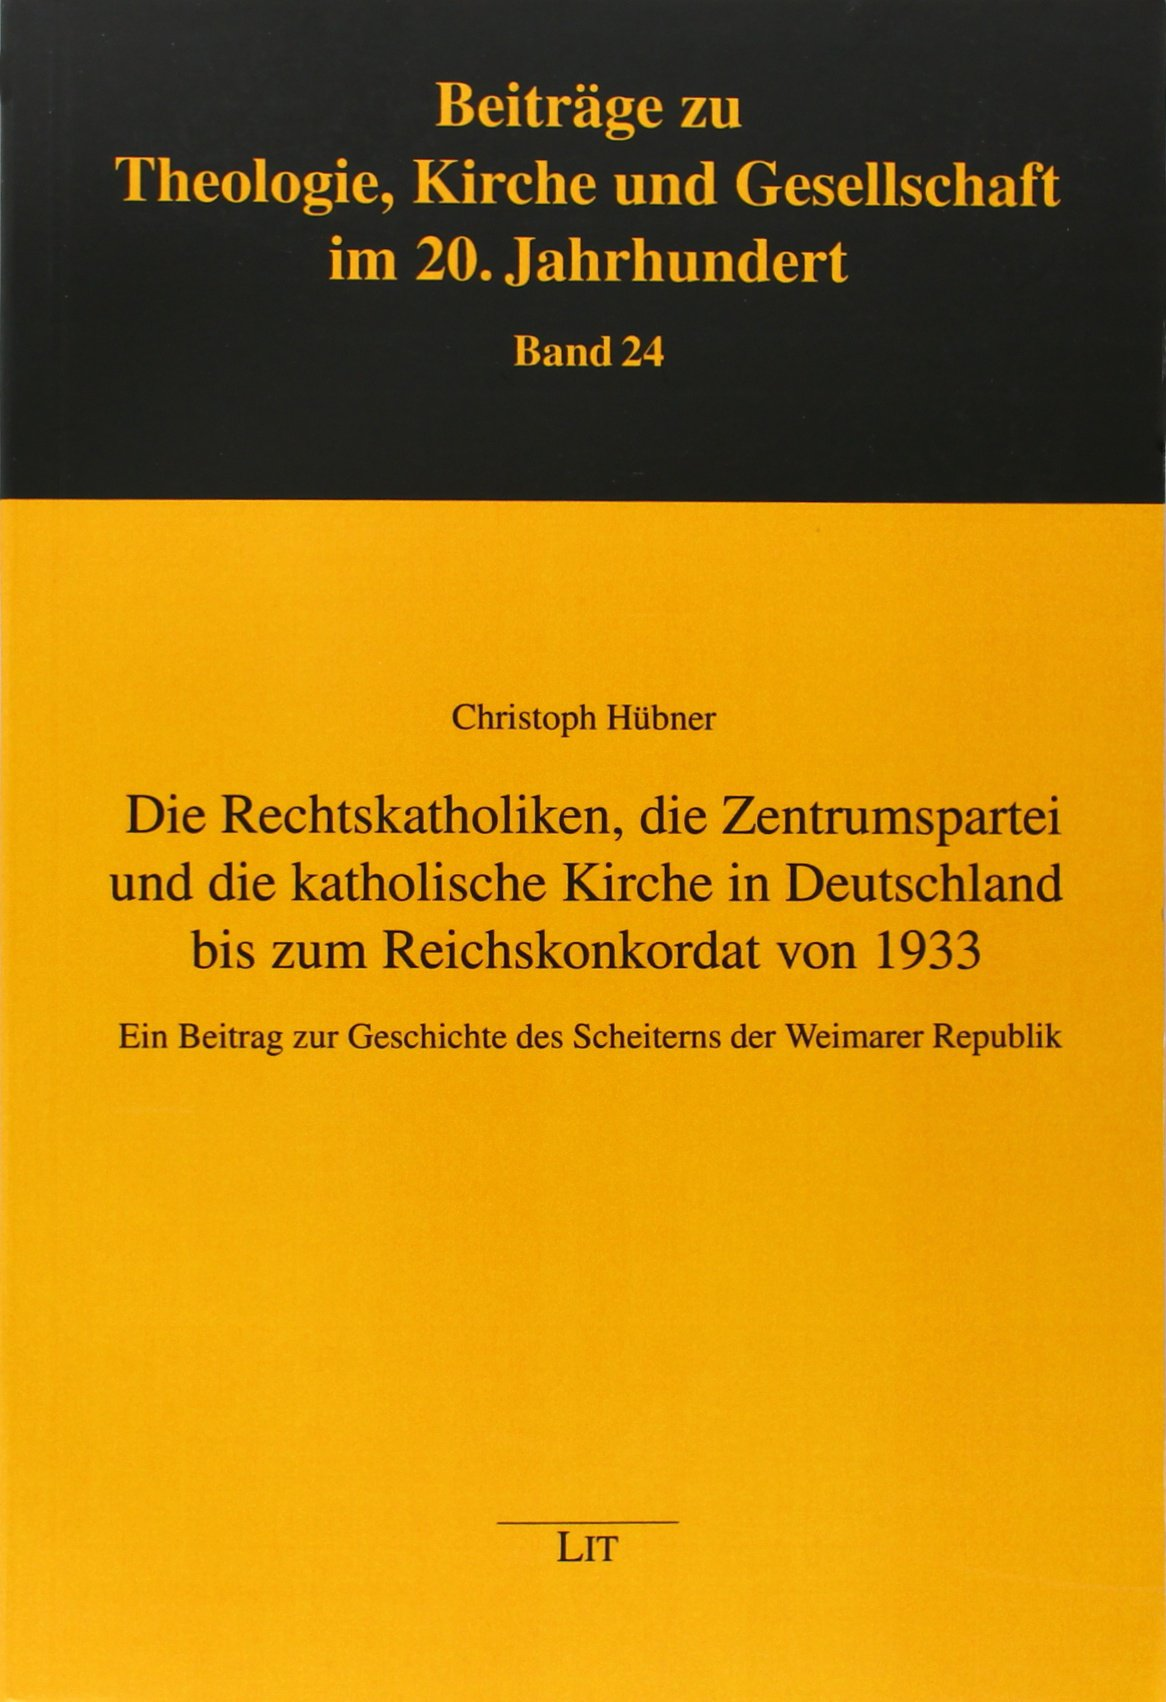 Die Rechtskatholiken, die Zentrumspartei und die katholische Kirche in Deutschland bis zum Reichskonkordat von 1933: Ein Beitrag zur Geschichte des Scheiterns der Weimarer Republik